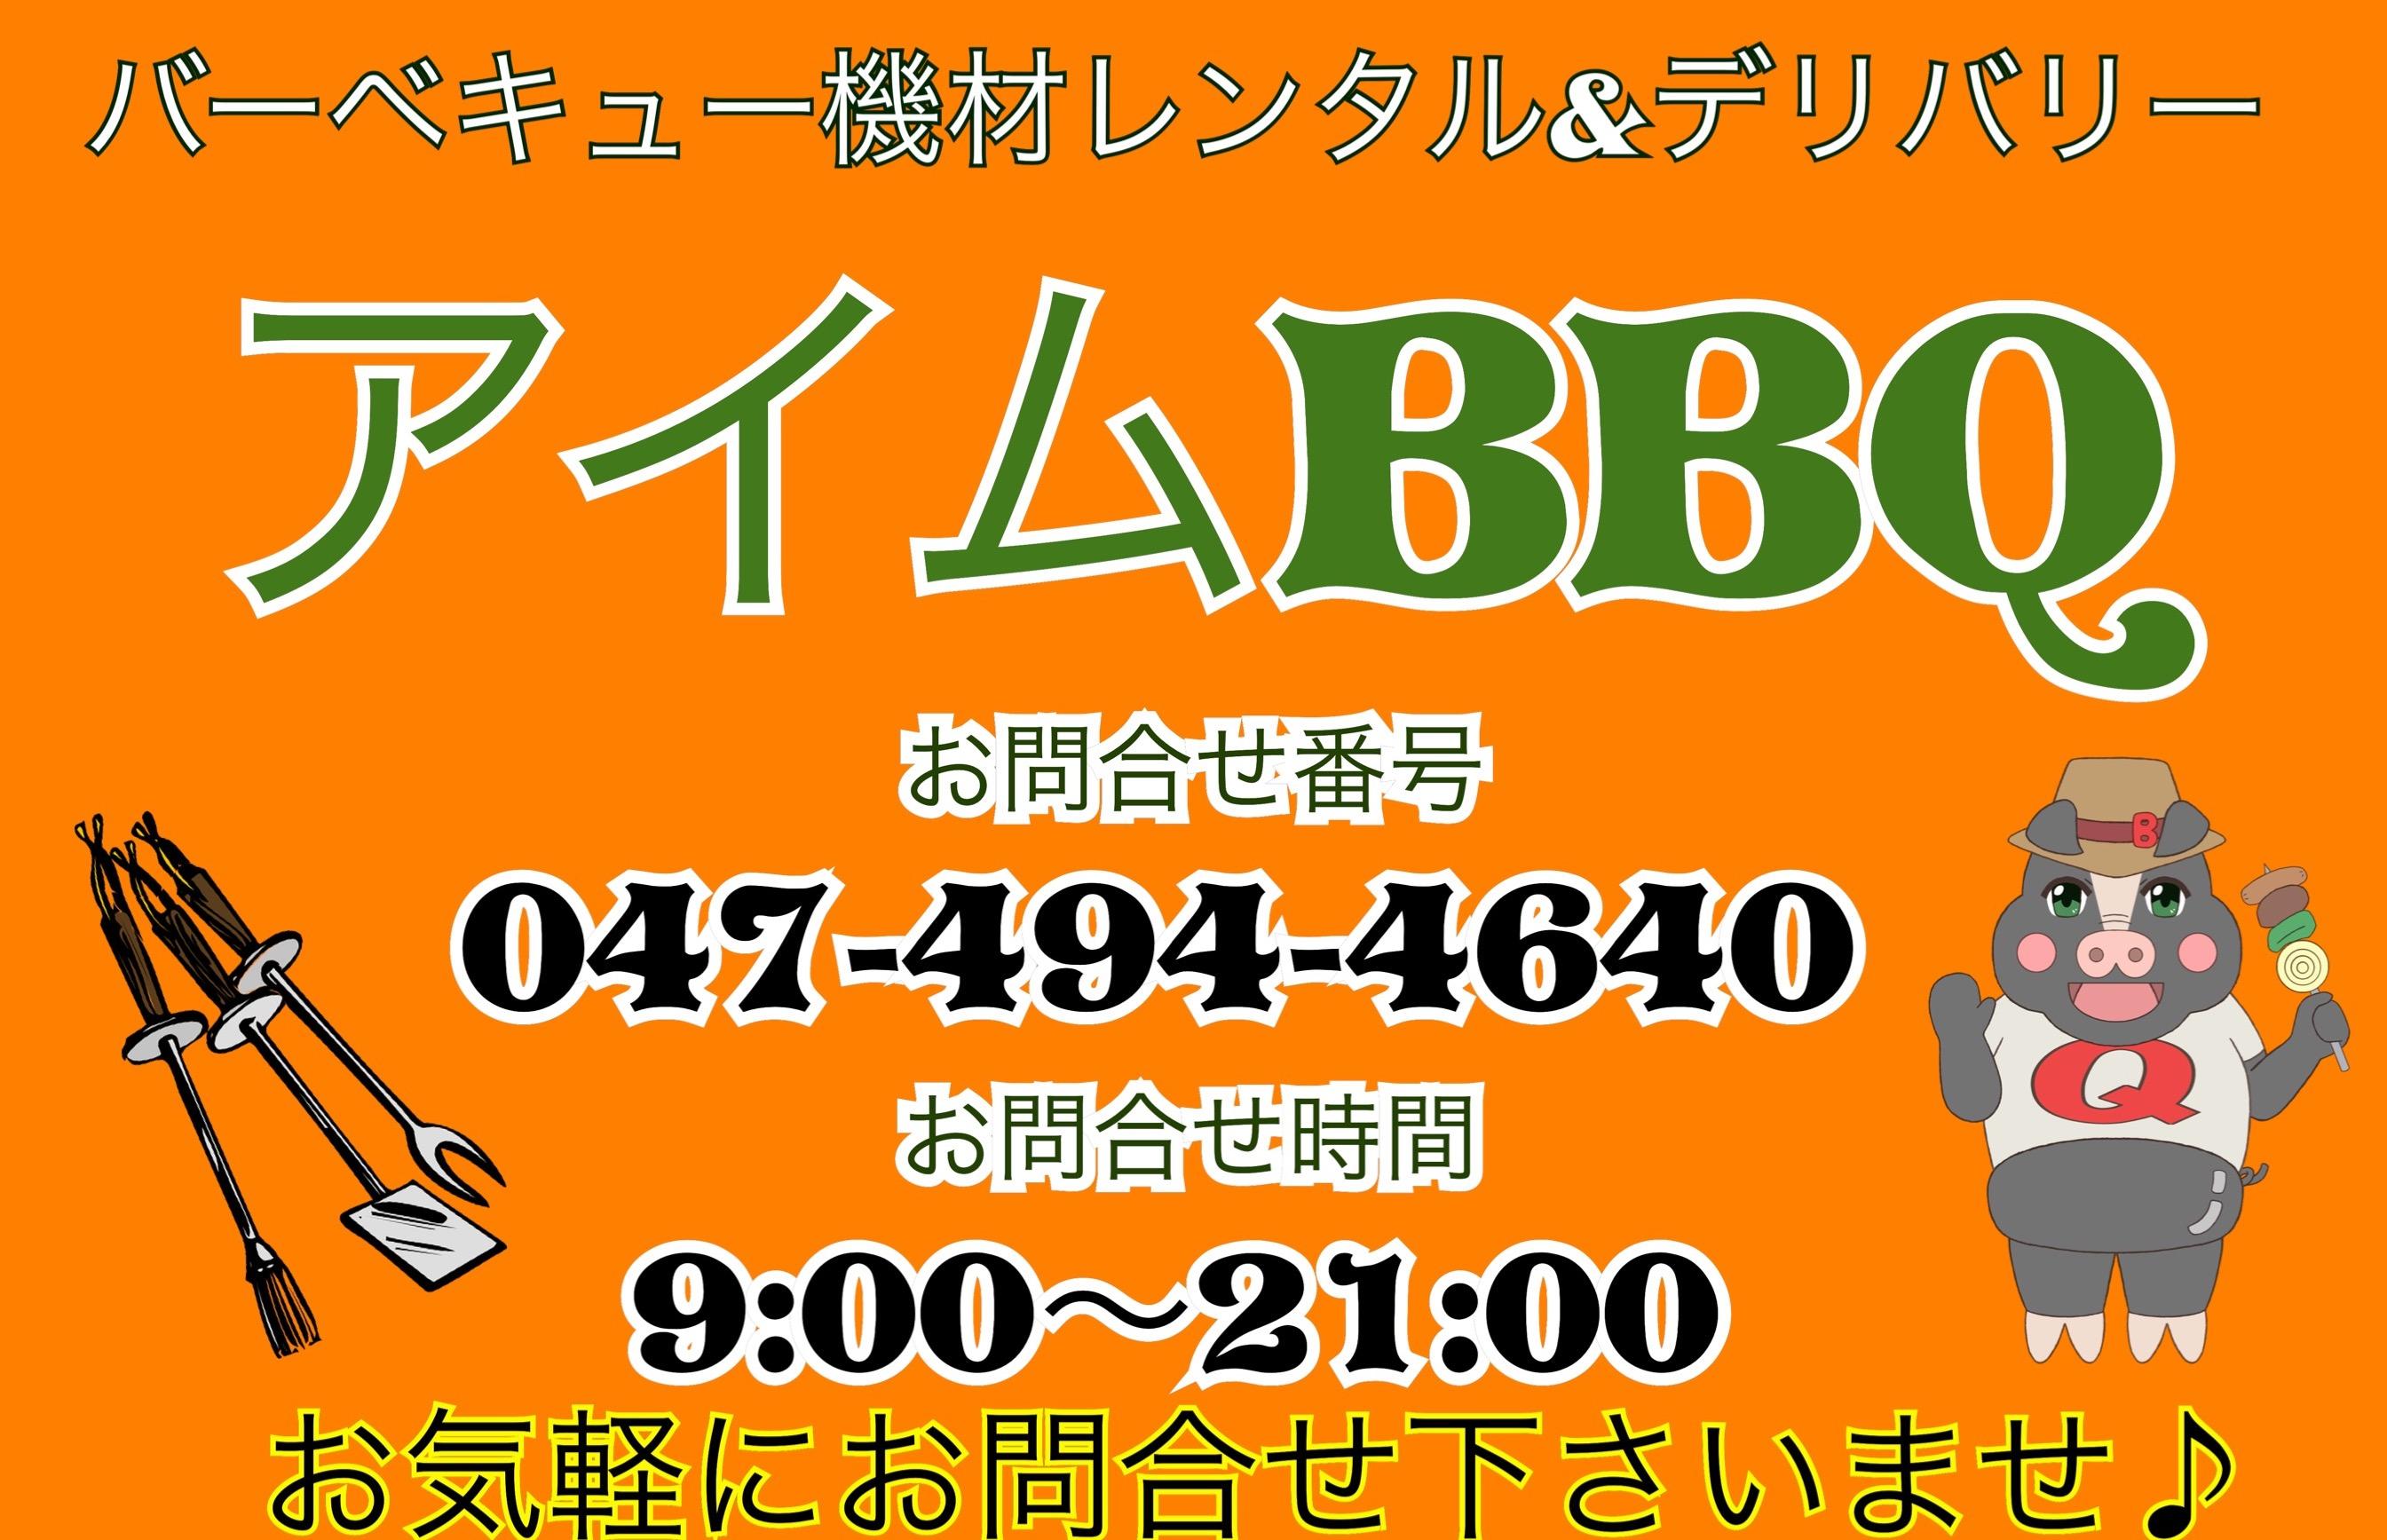 BBQ レンタル